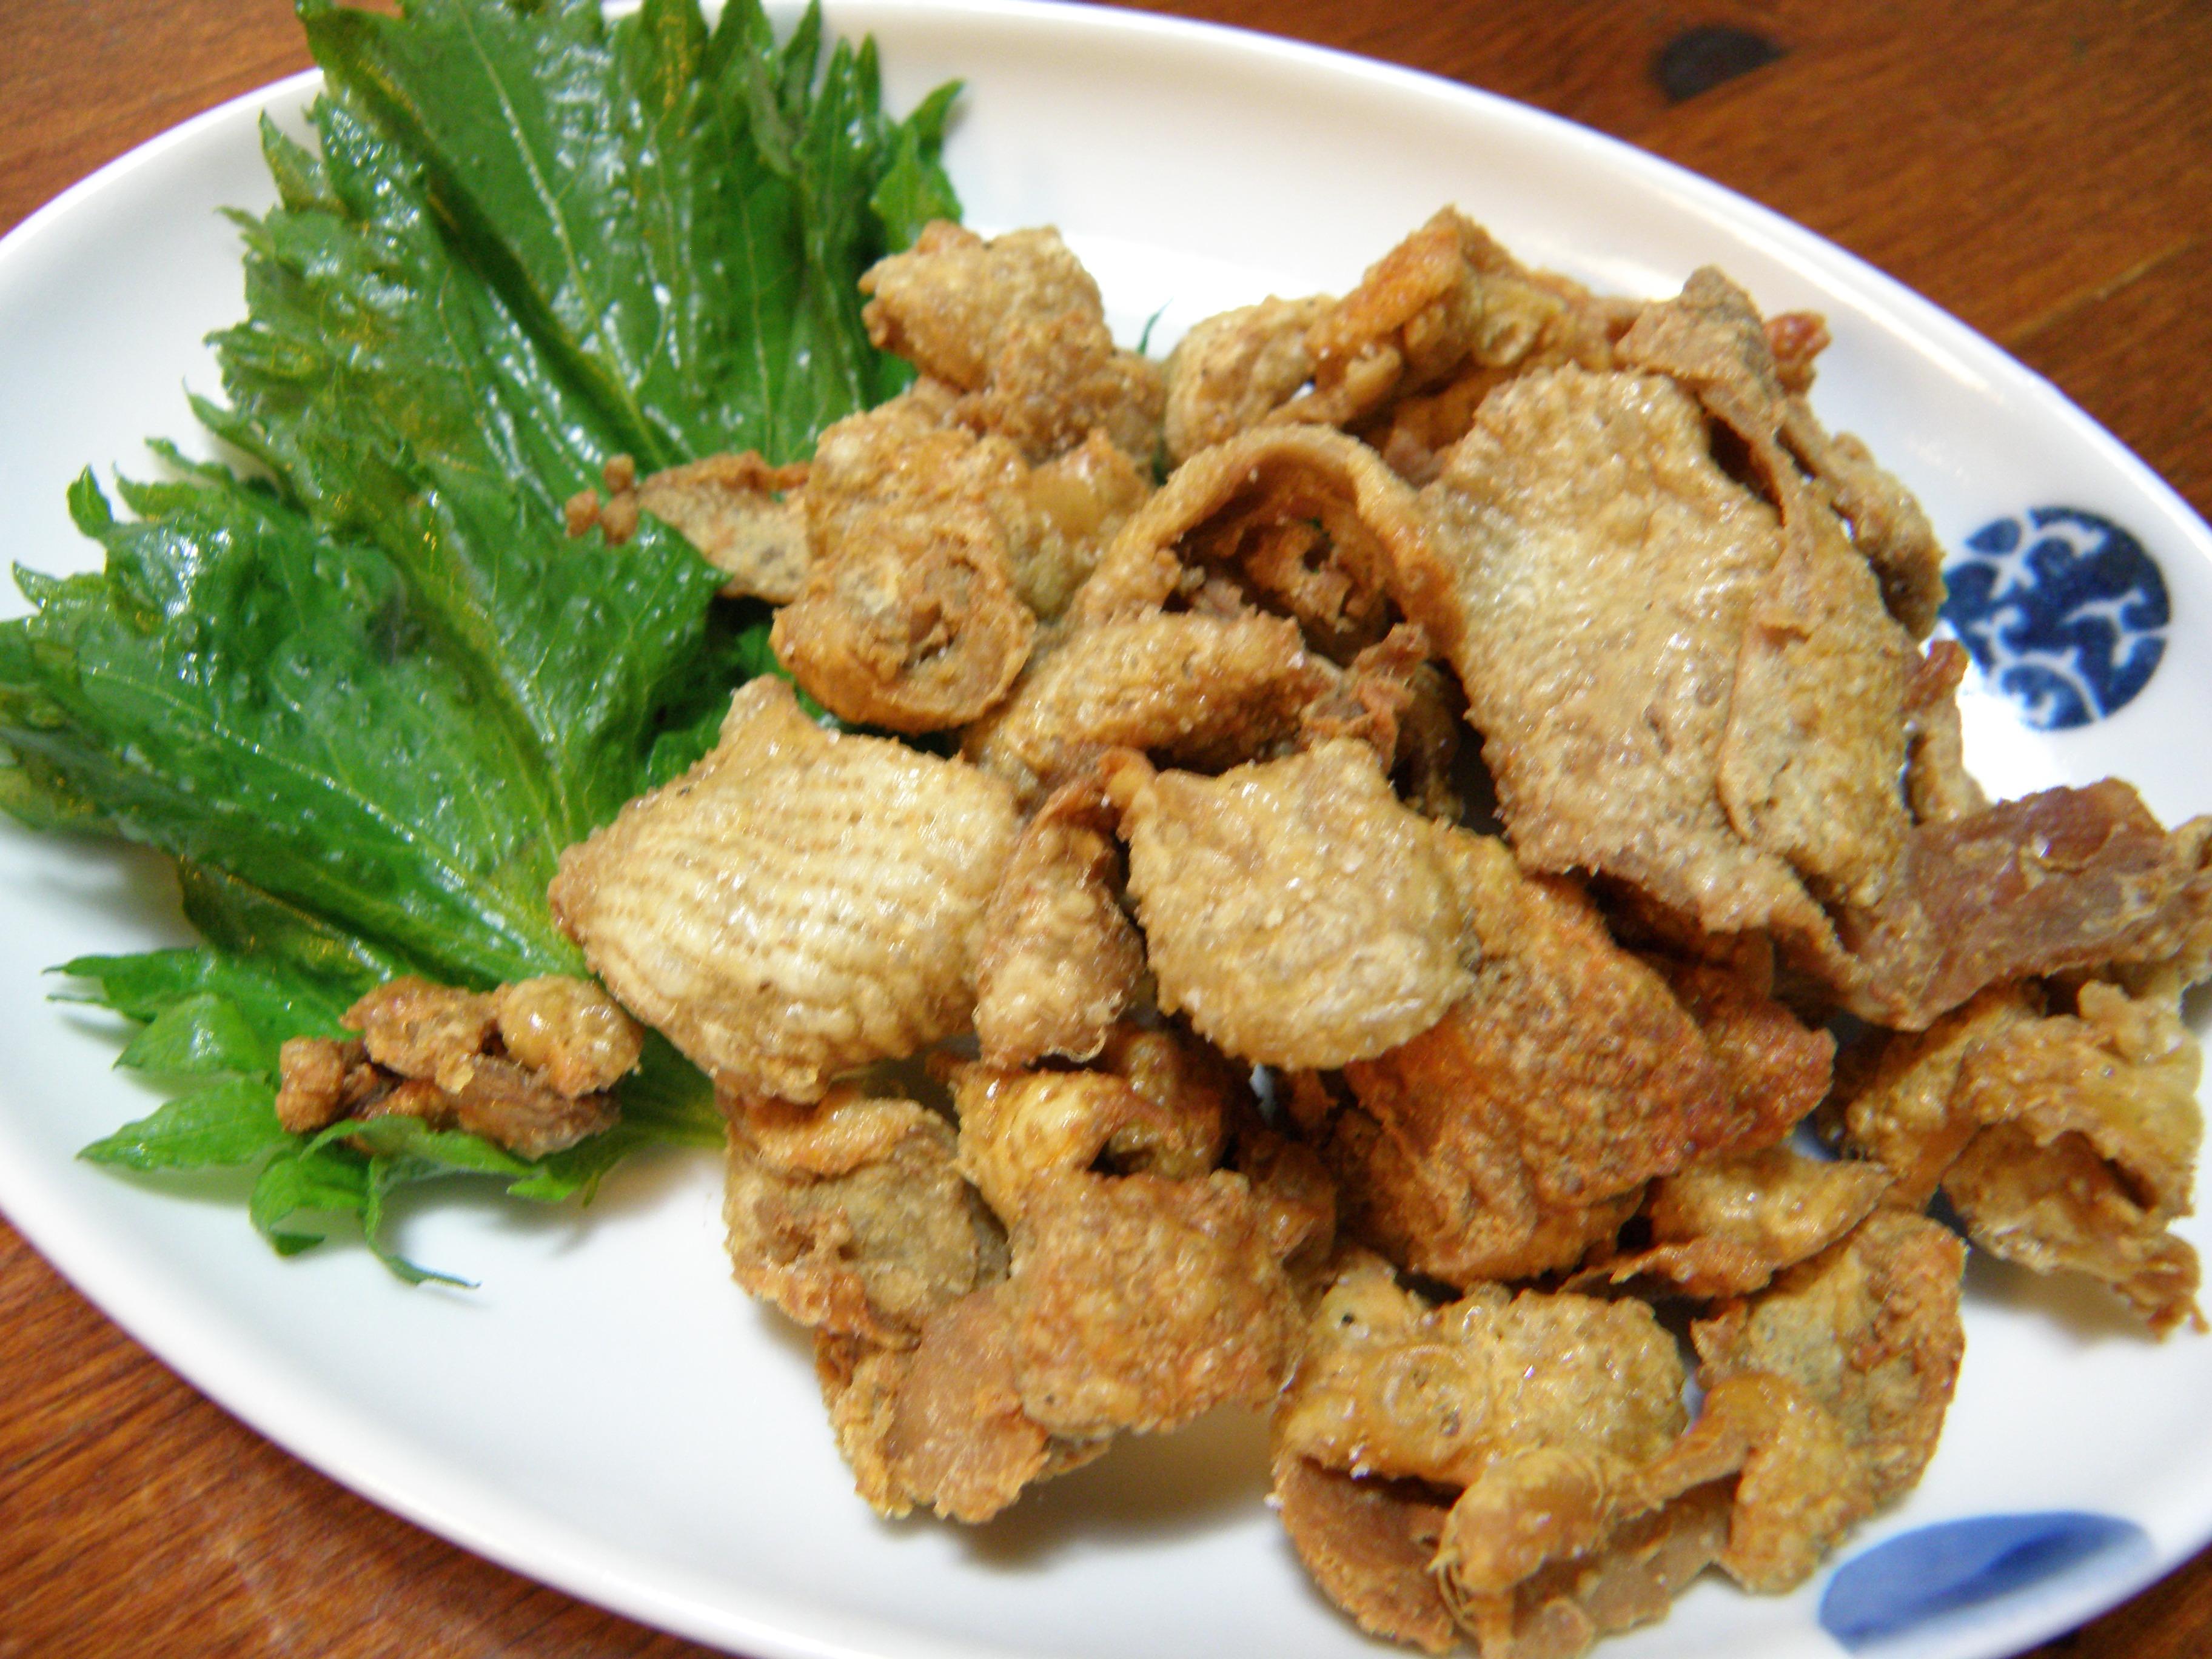 そのまま捨てたらもったいない!鶏皮を美味しく食べるレシピ5選のサムネイル画像